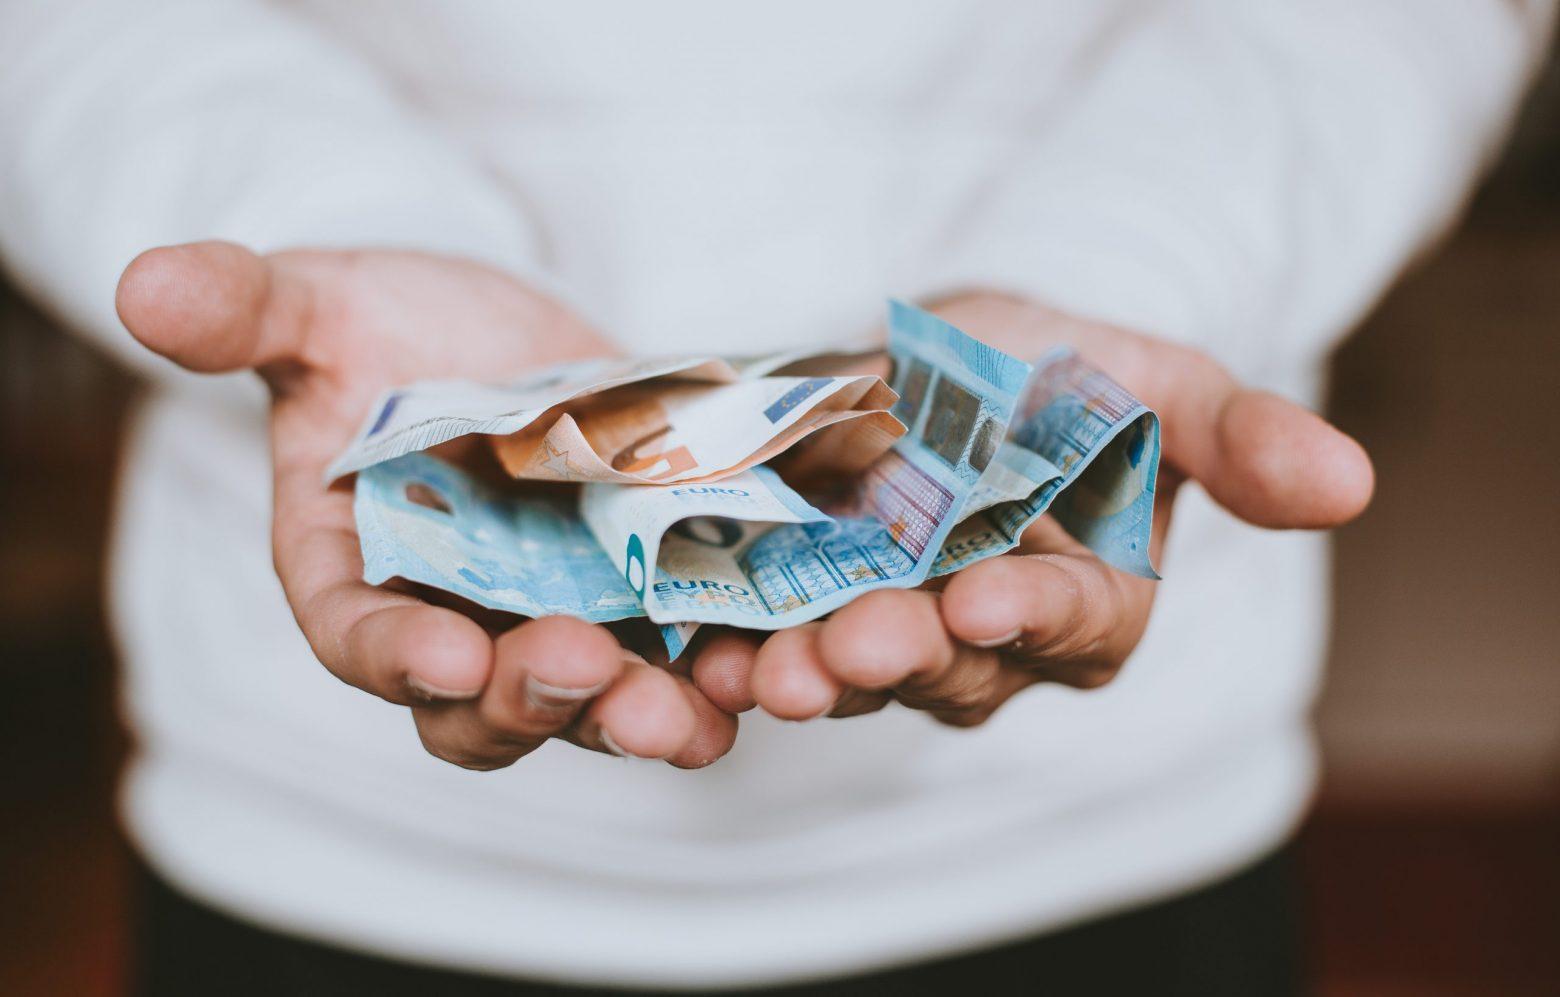 Как выйти из долгов, избавиться от нищеты и стать богатым ч. 1